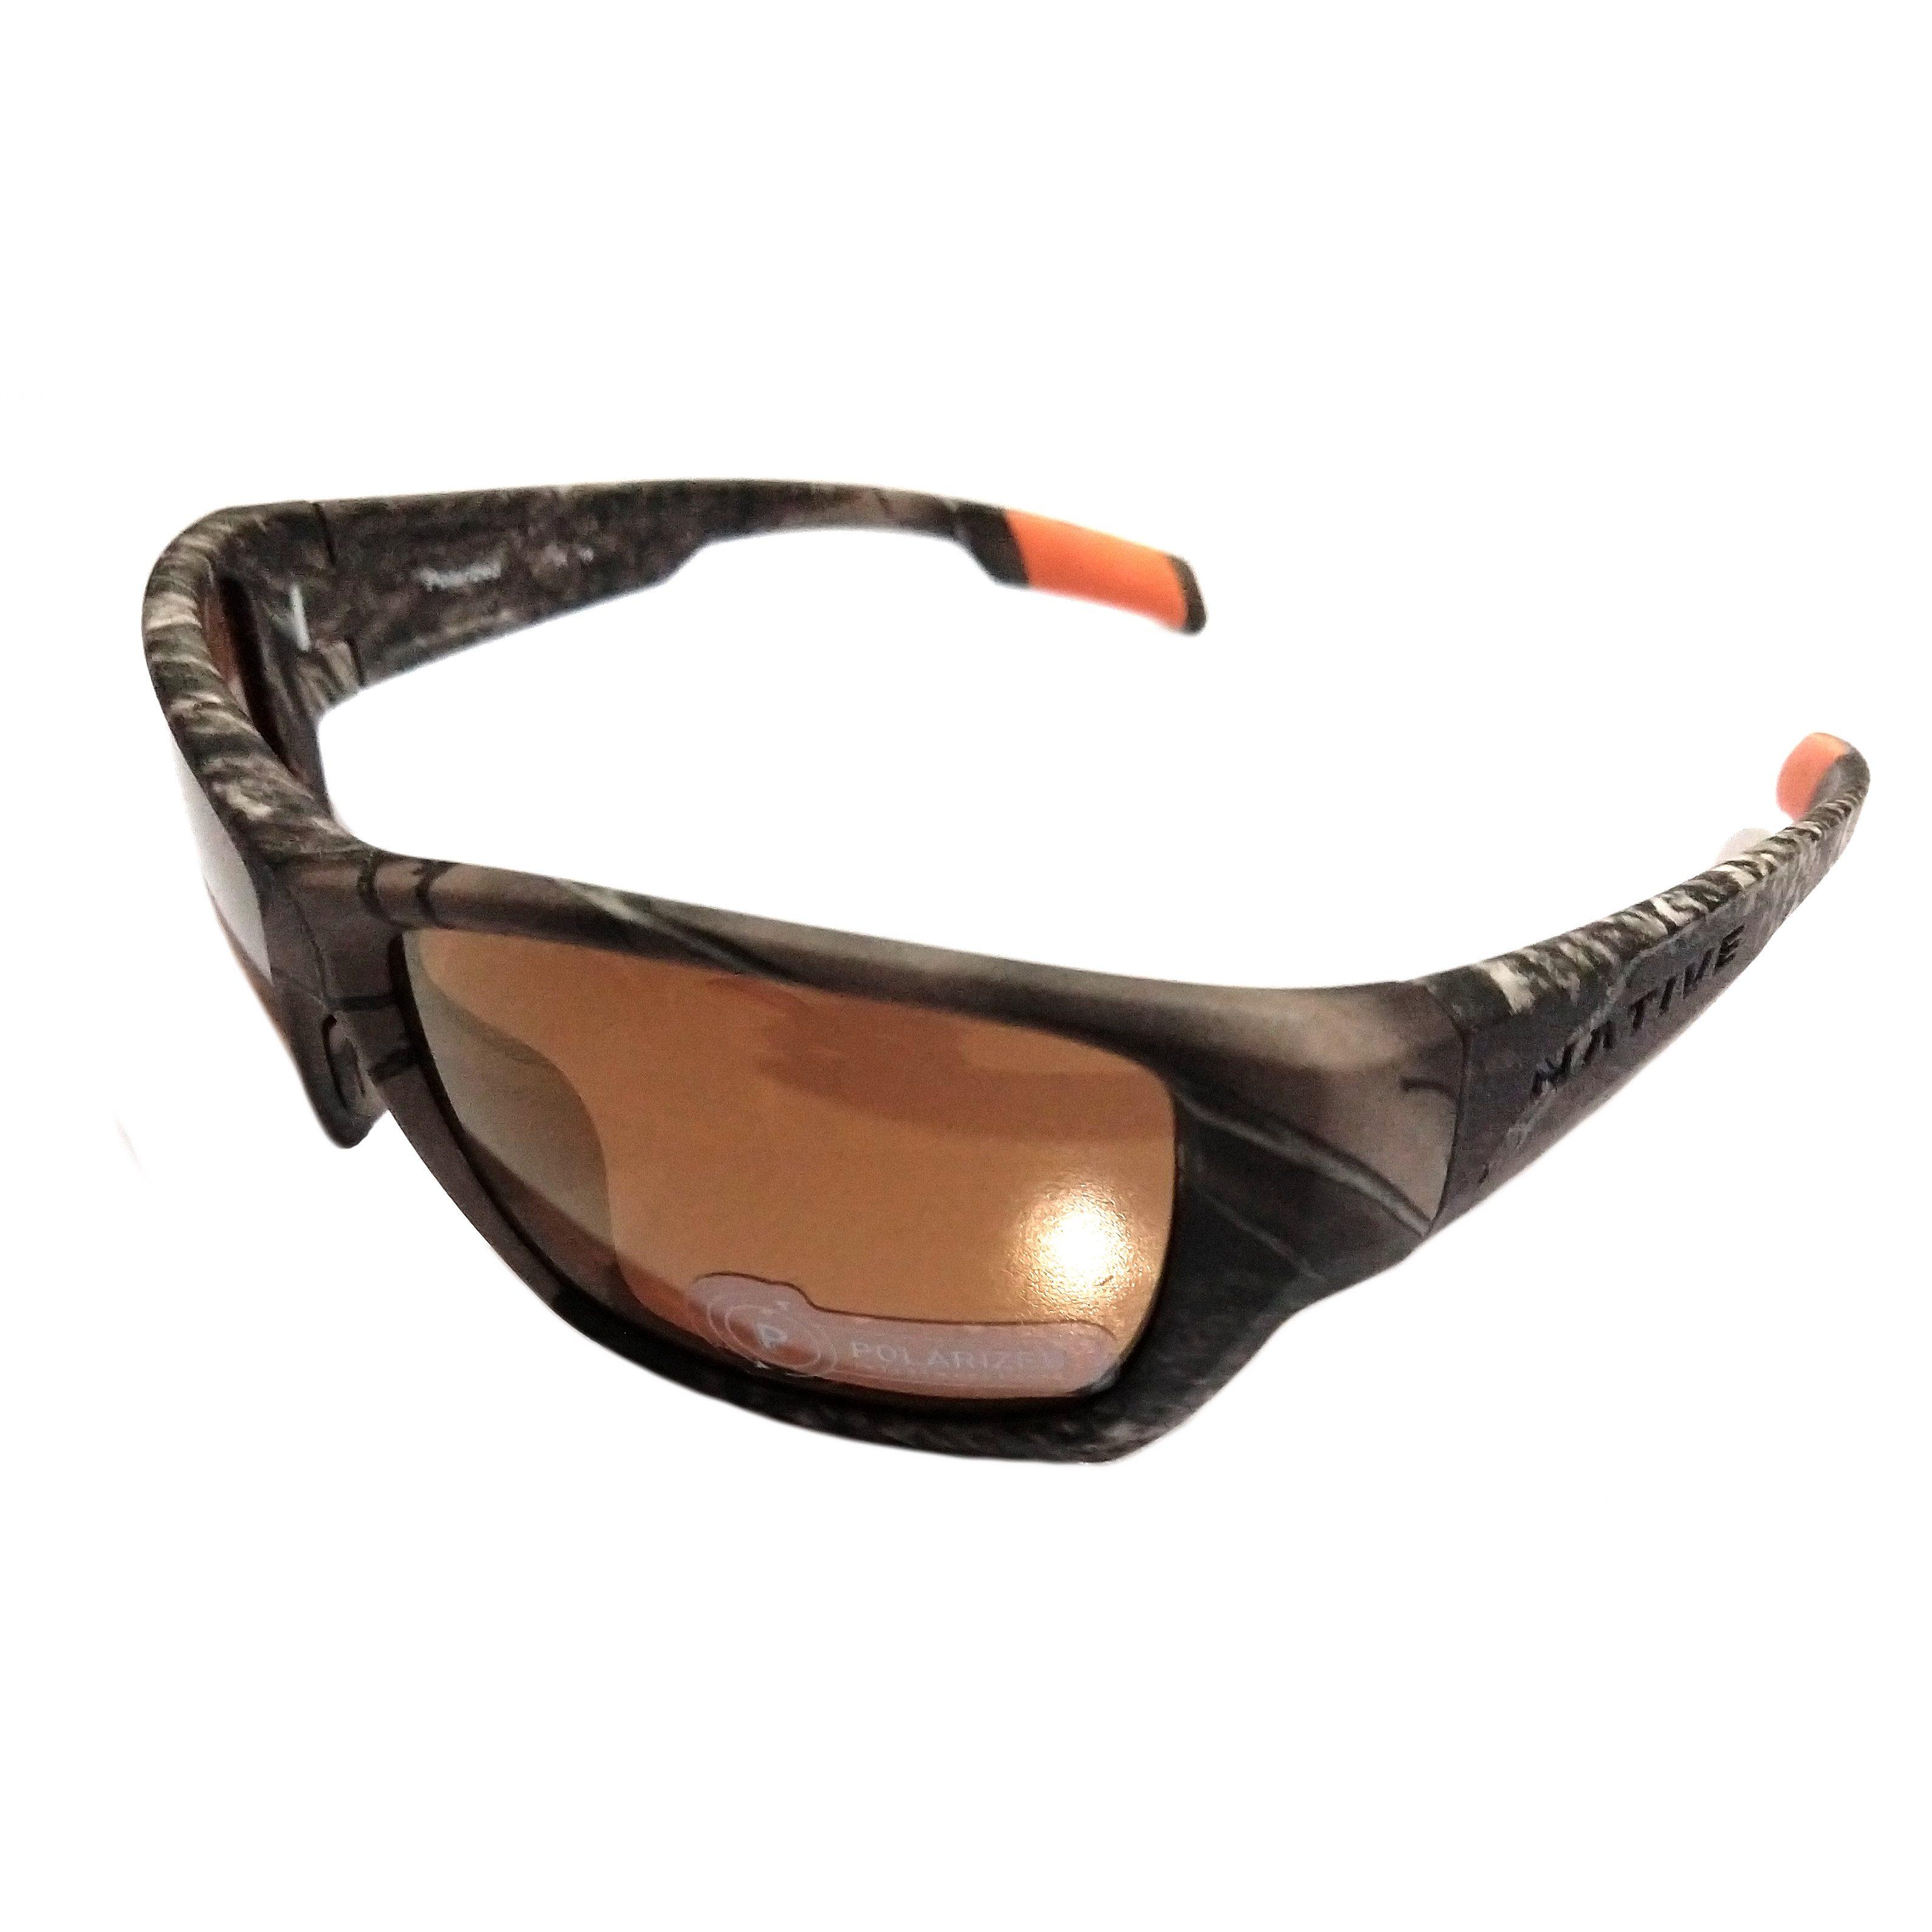 Native Eyewear Ward Sunglasses True Timber Camo POLARIZED Bronze XTRA Lens